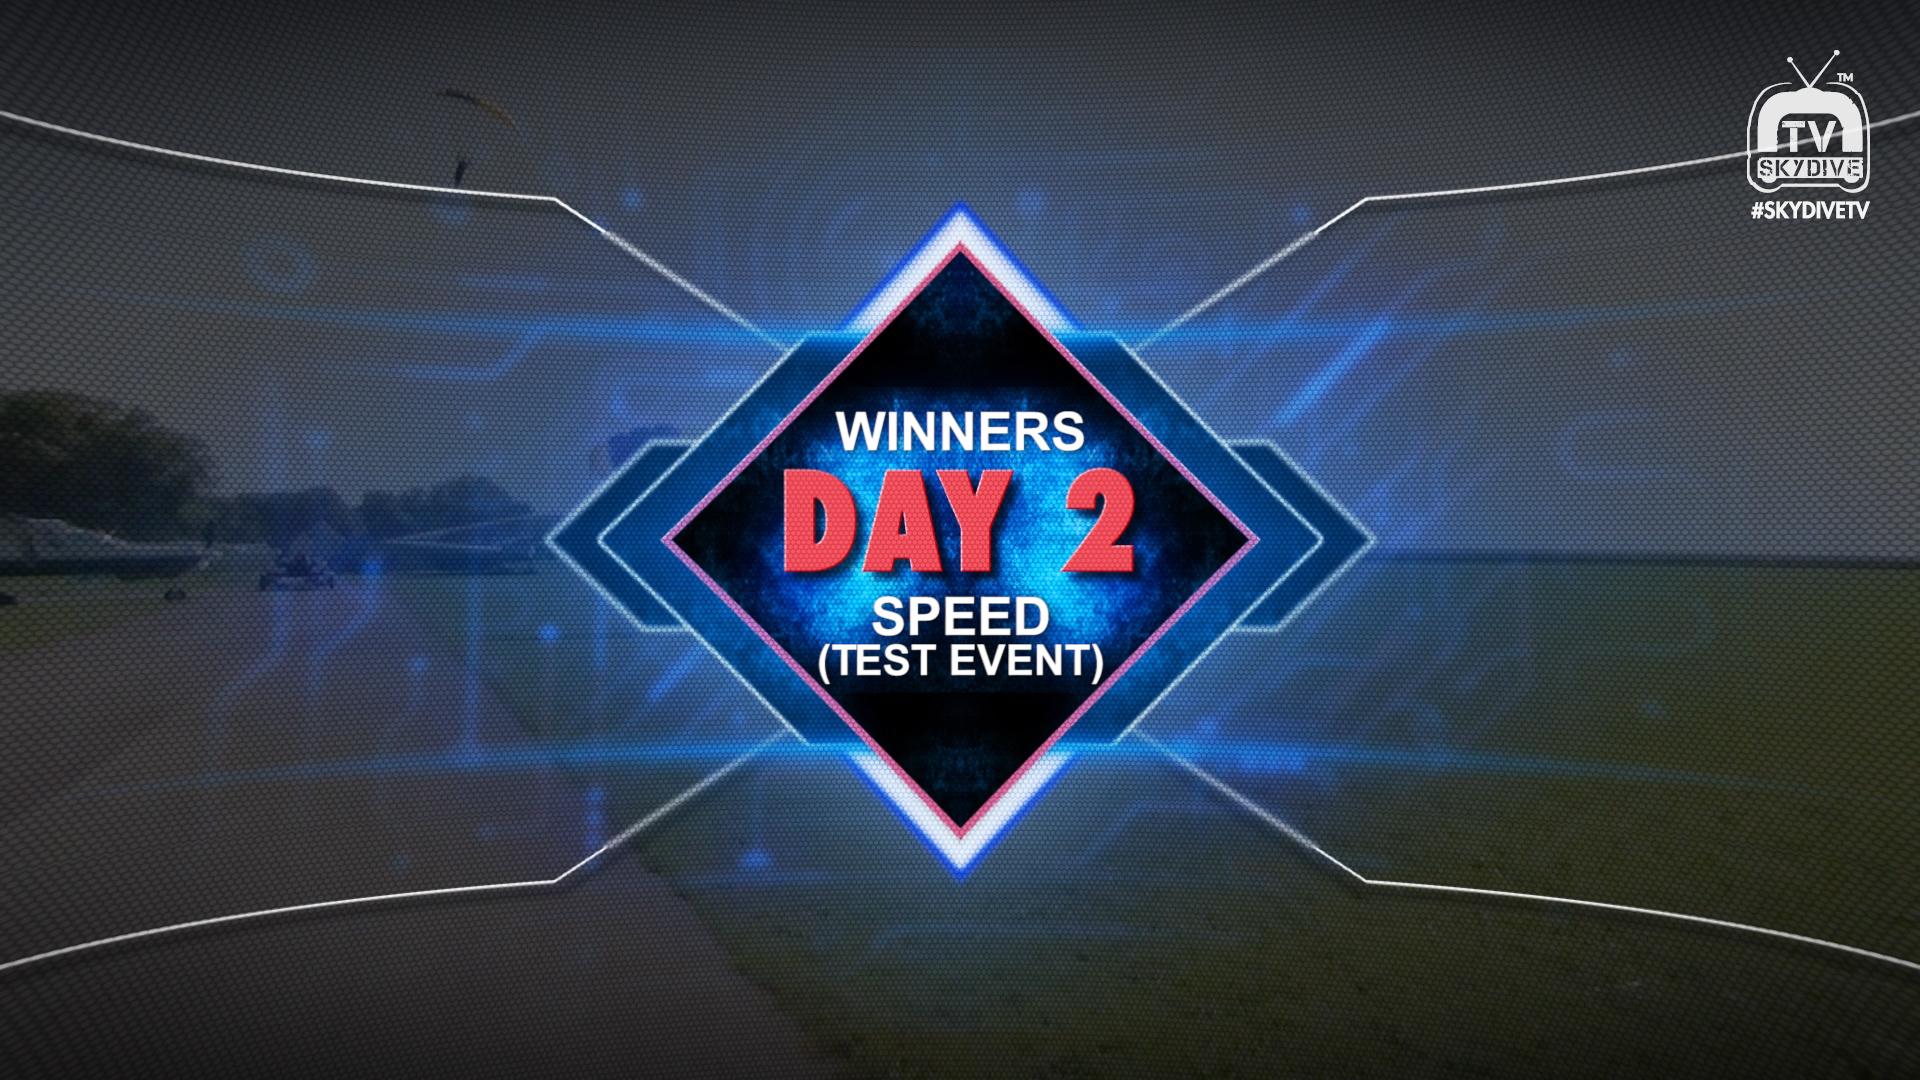 DAY02 - Rewards Speed